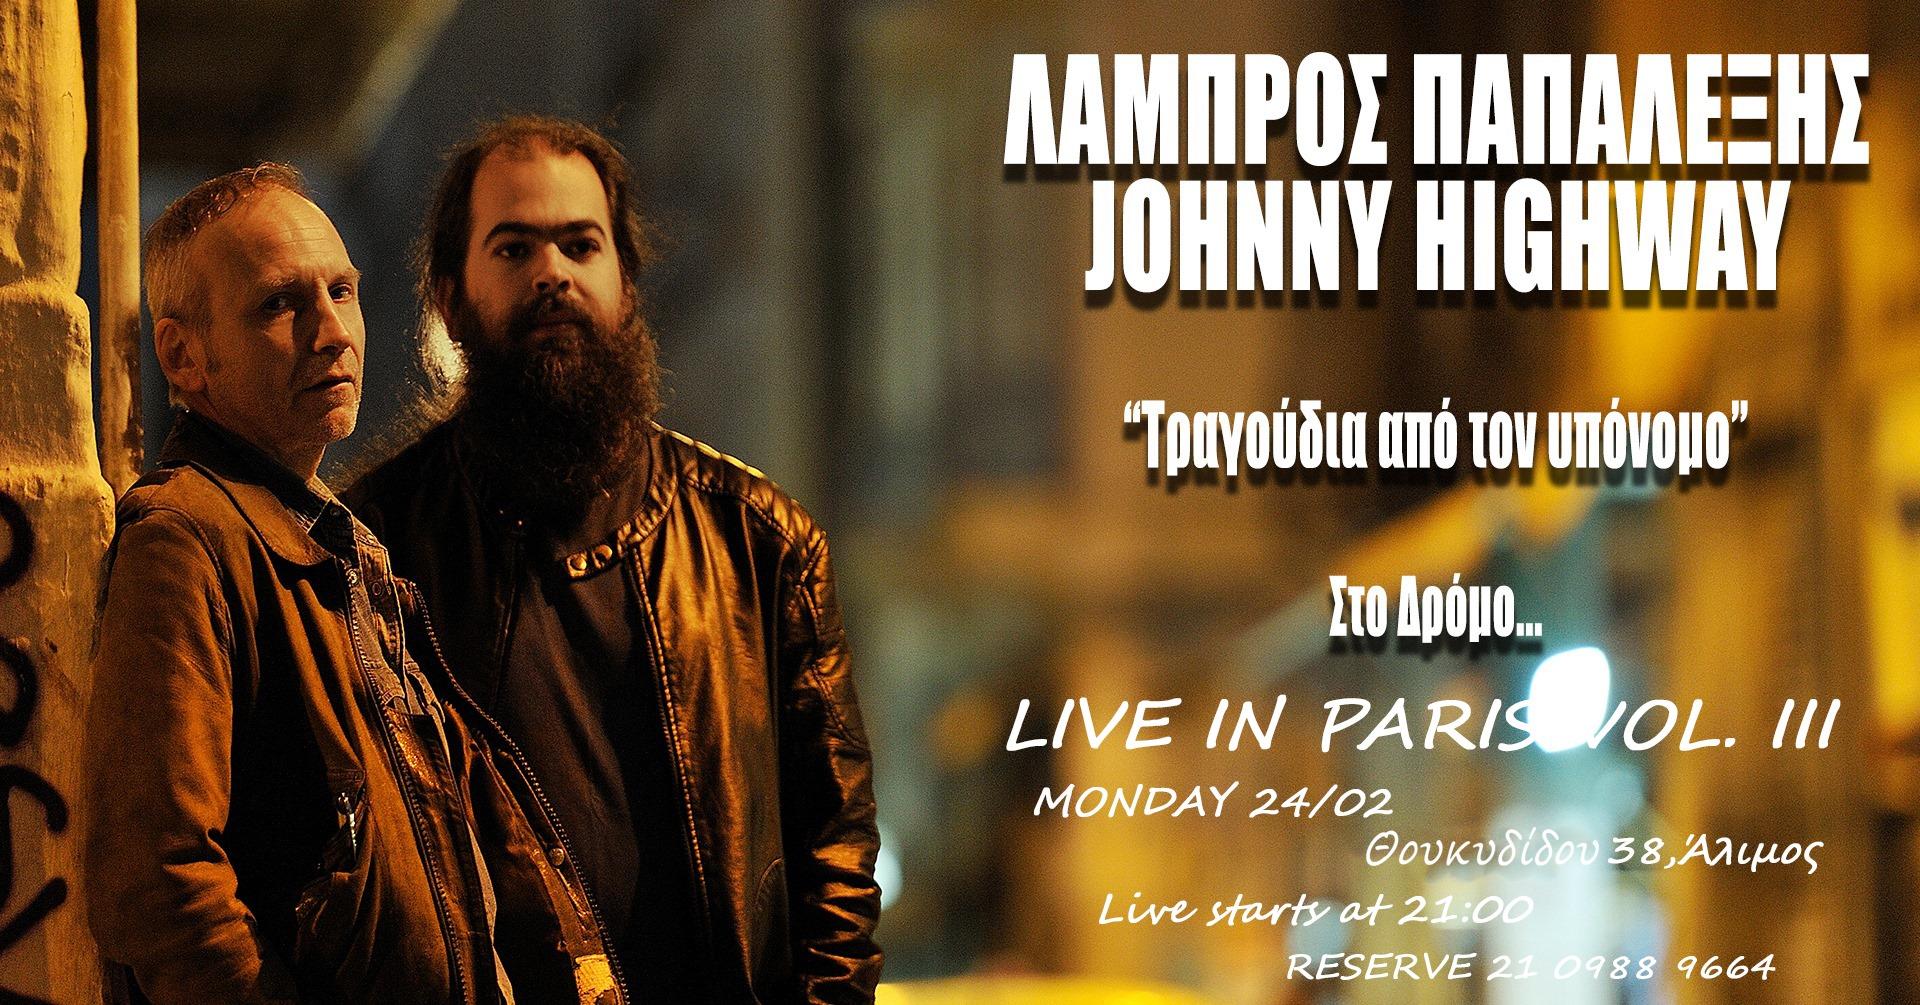 Μουσική βραδιά στο ψητοπωλείο «Ο Πάρις» με τον Λάμπρο Παπαλέξη και τον Johnny Highway